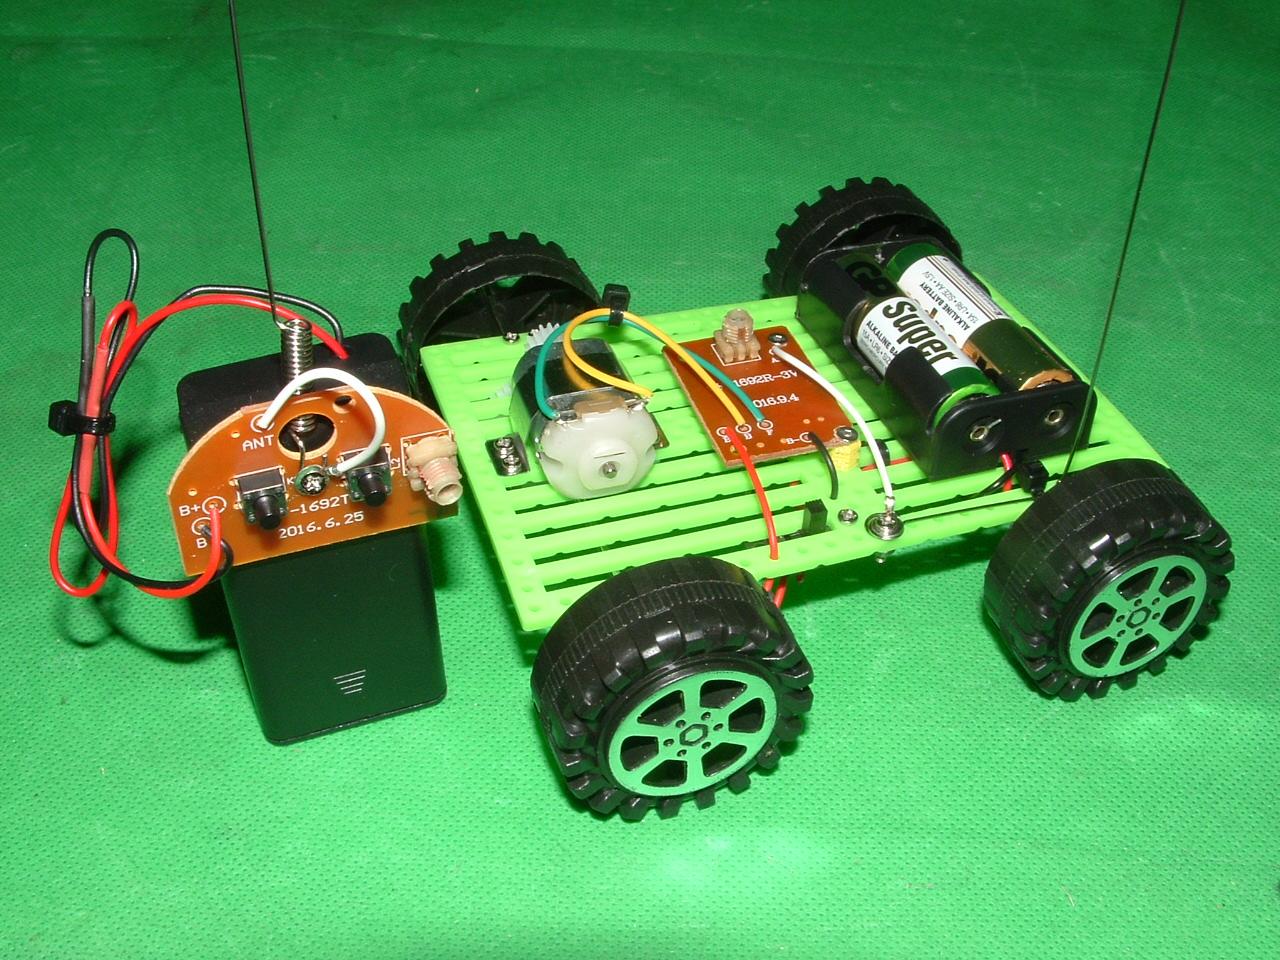 Mein Elektronik Hobby: Banggood